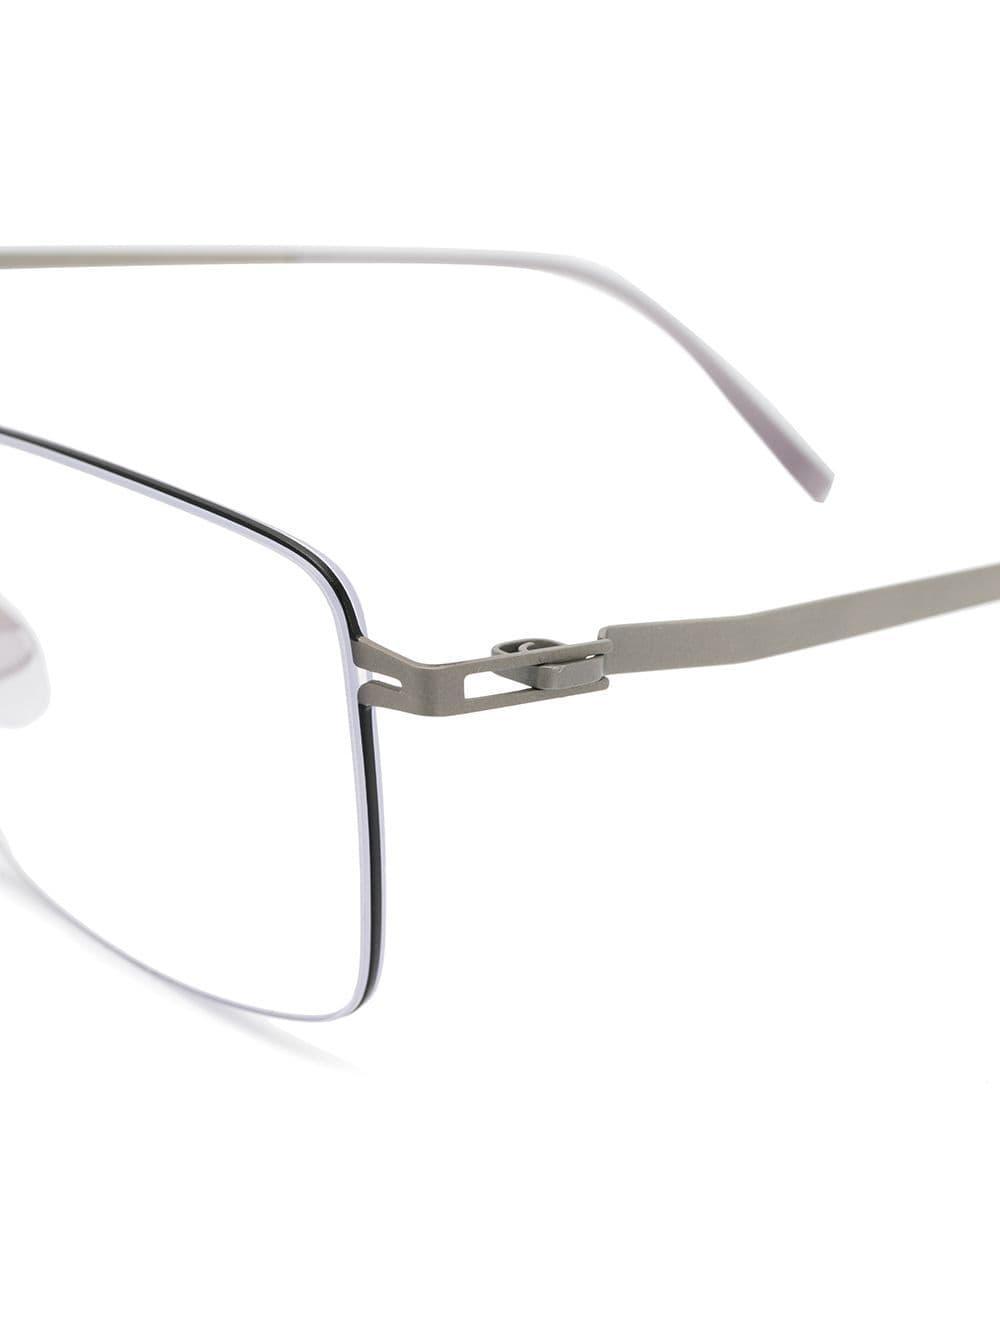 740214efd54 Mykita - Metallic Rectangular Glasses Frames for Men - Lyst. View fullscreen